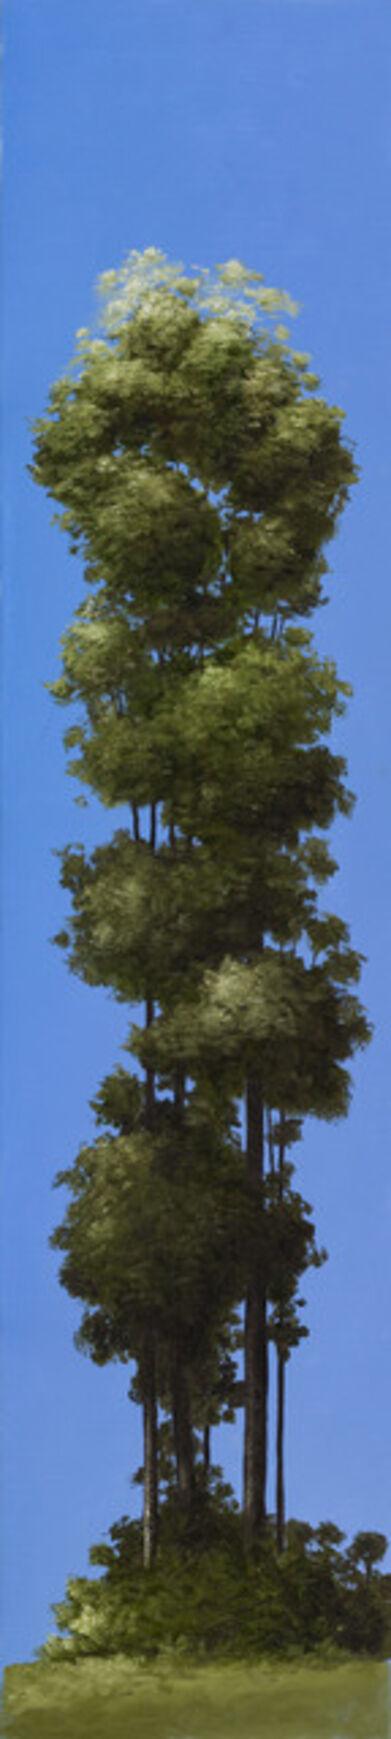 Pedro Ruiz, 'Trees', 2019